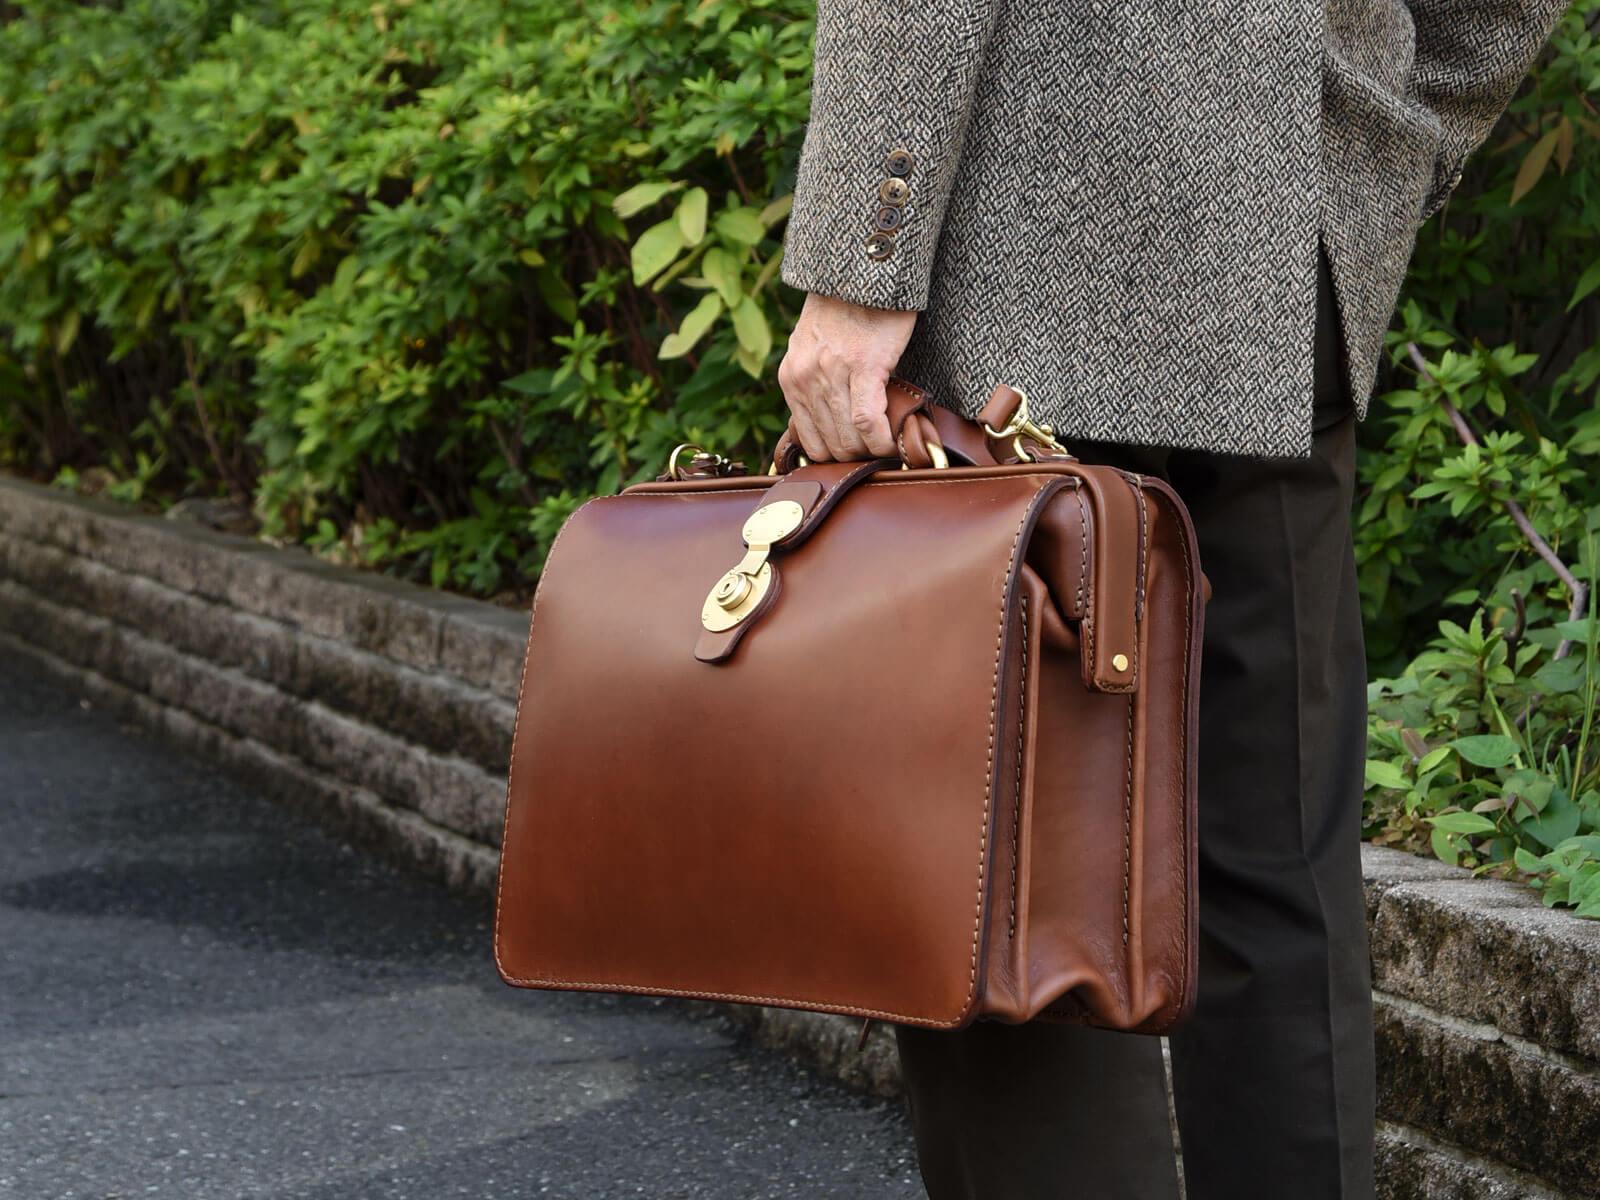 ドラマ「リーガル・ハート~いのちの再建弁護士~」にダレスバッグが使用されています